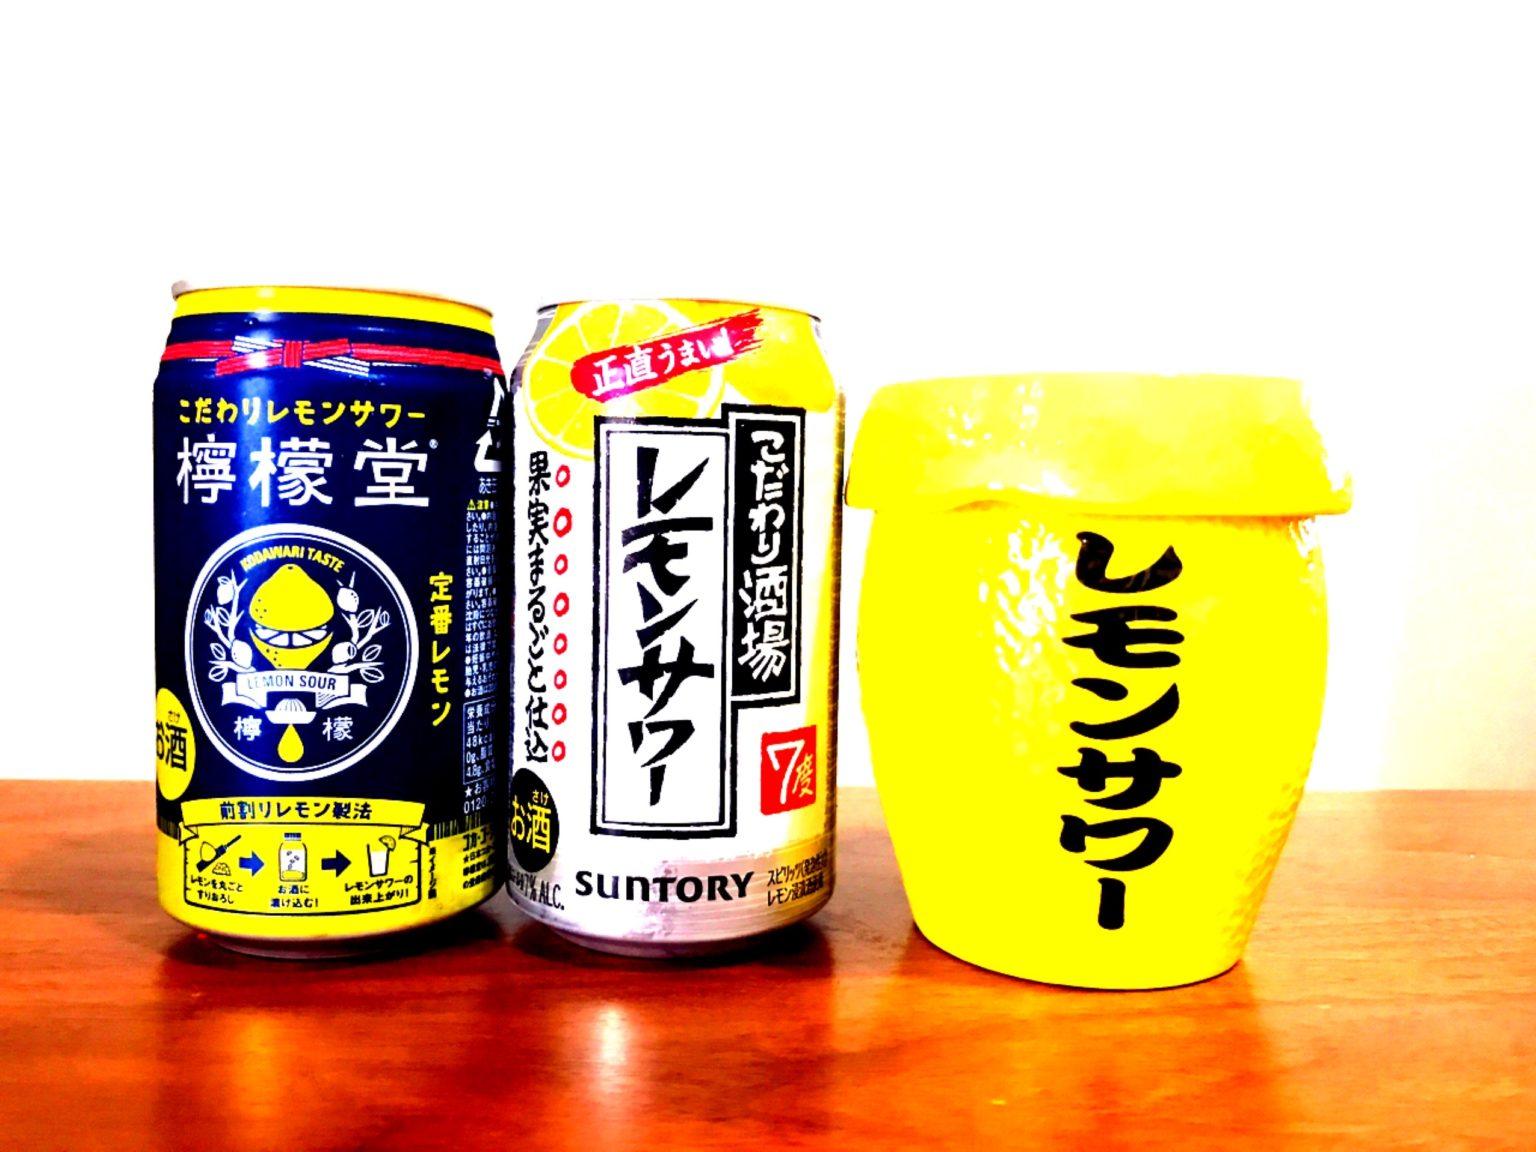 バーテンダーのレモンサワー缶おすすめランキング コスパ比較